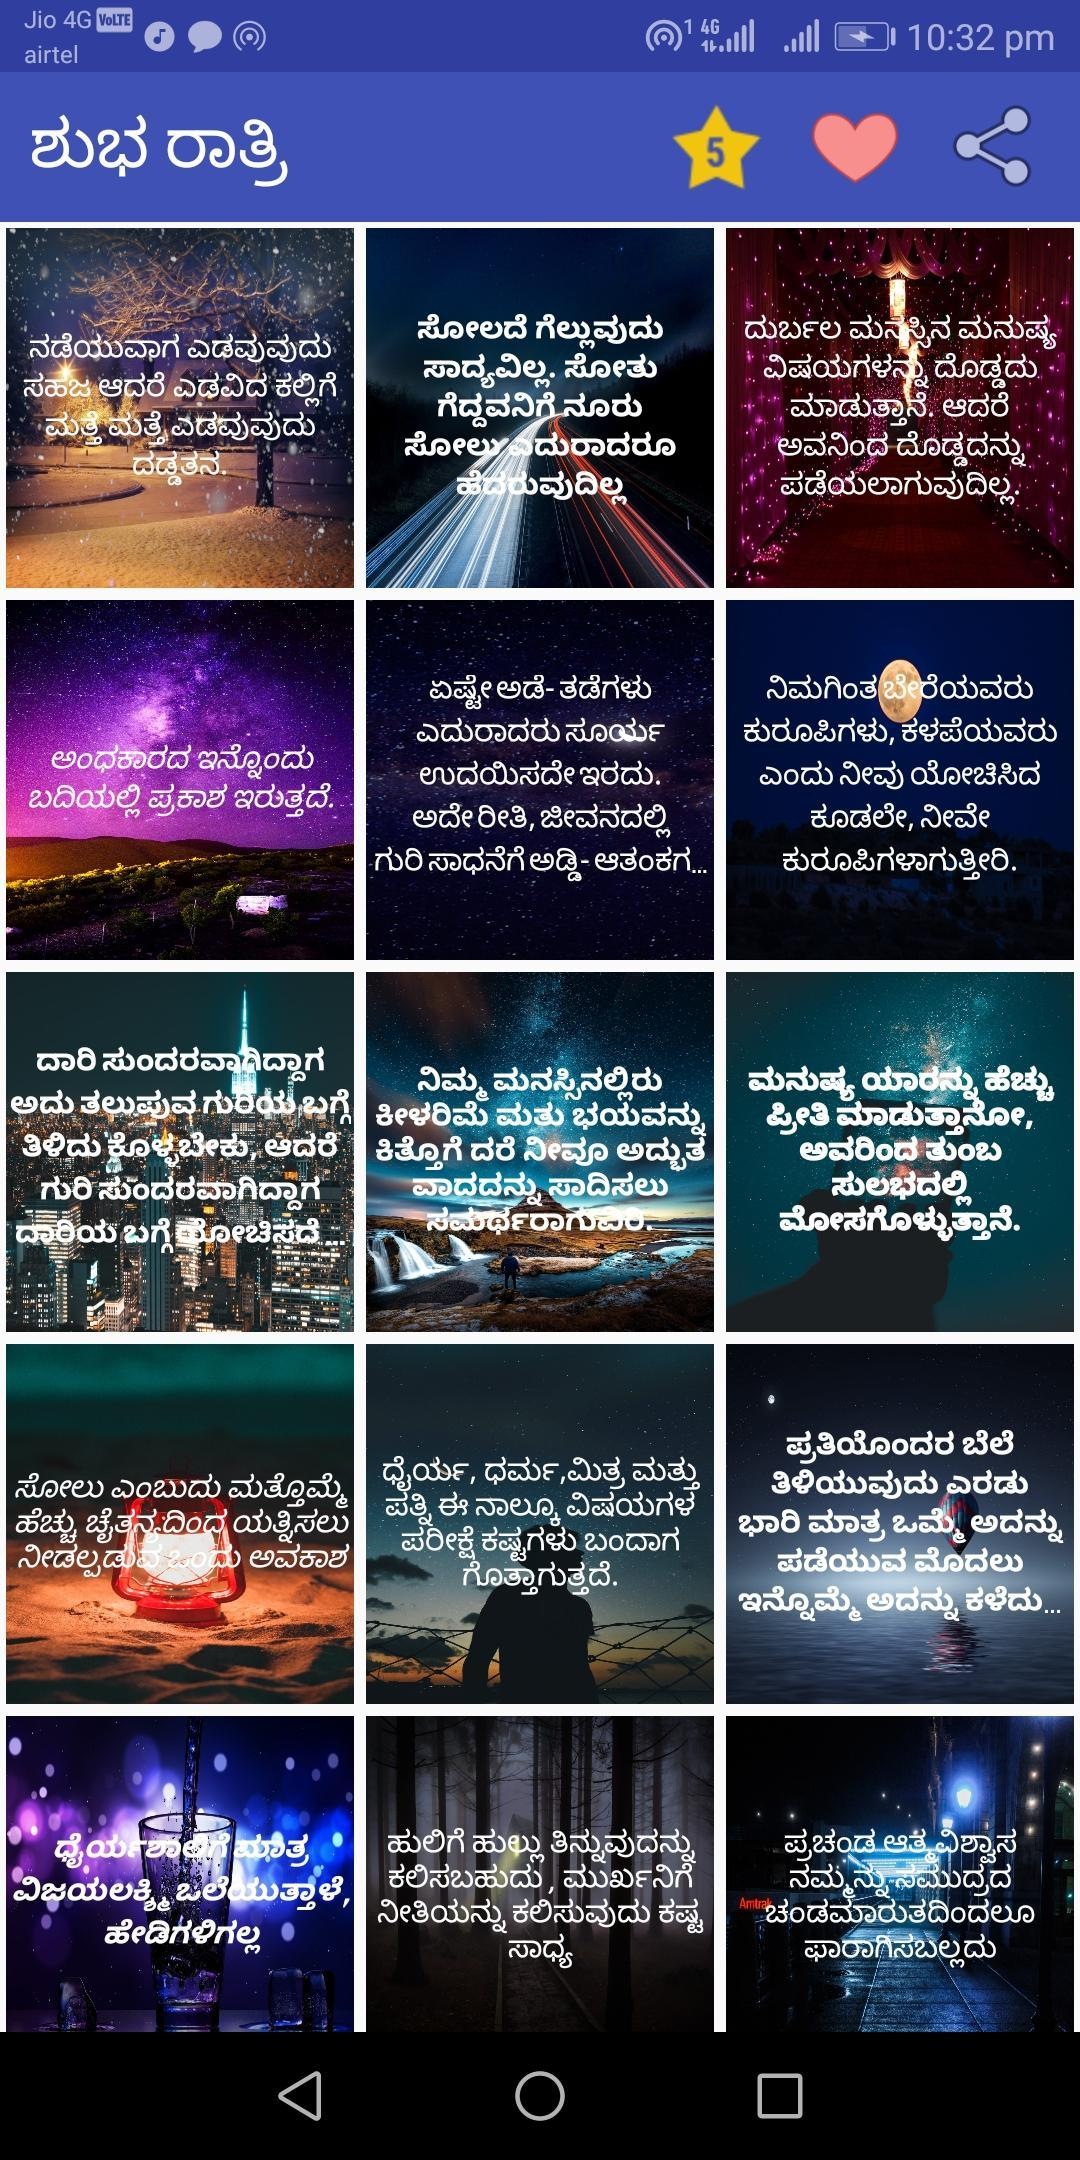 Kannada Good Night Quotes Images À²¶ À² À²° À²¤ À²° For Android Apk Download